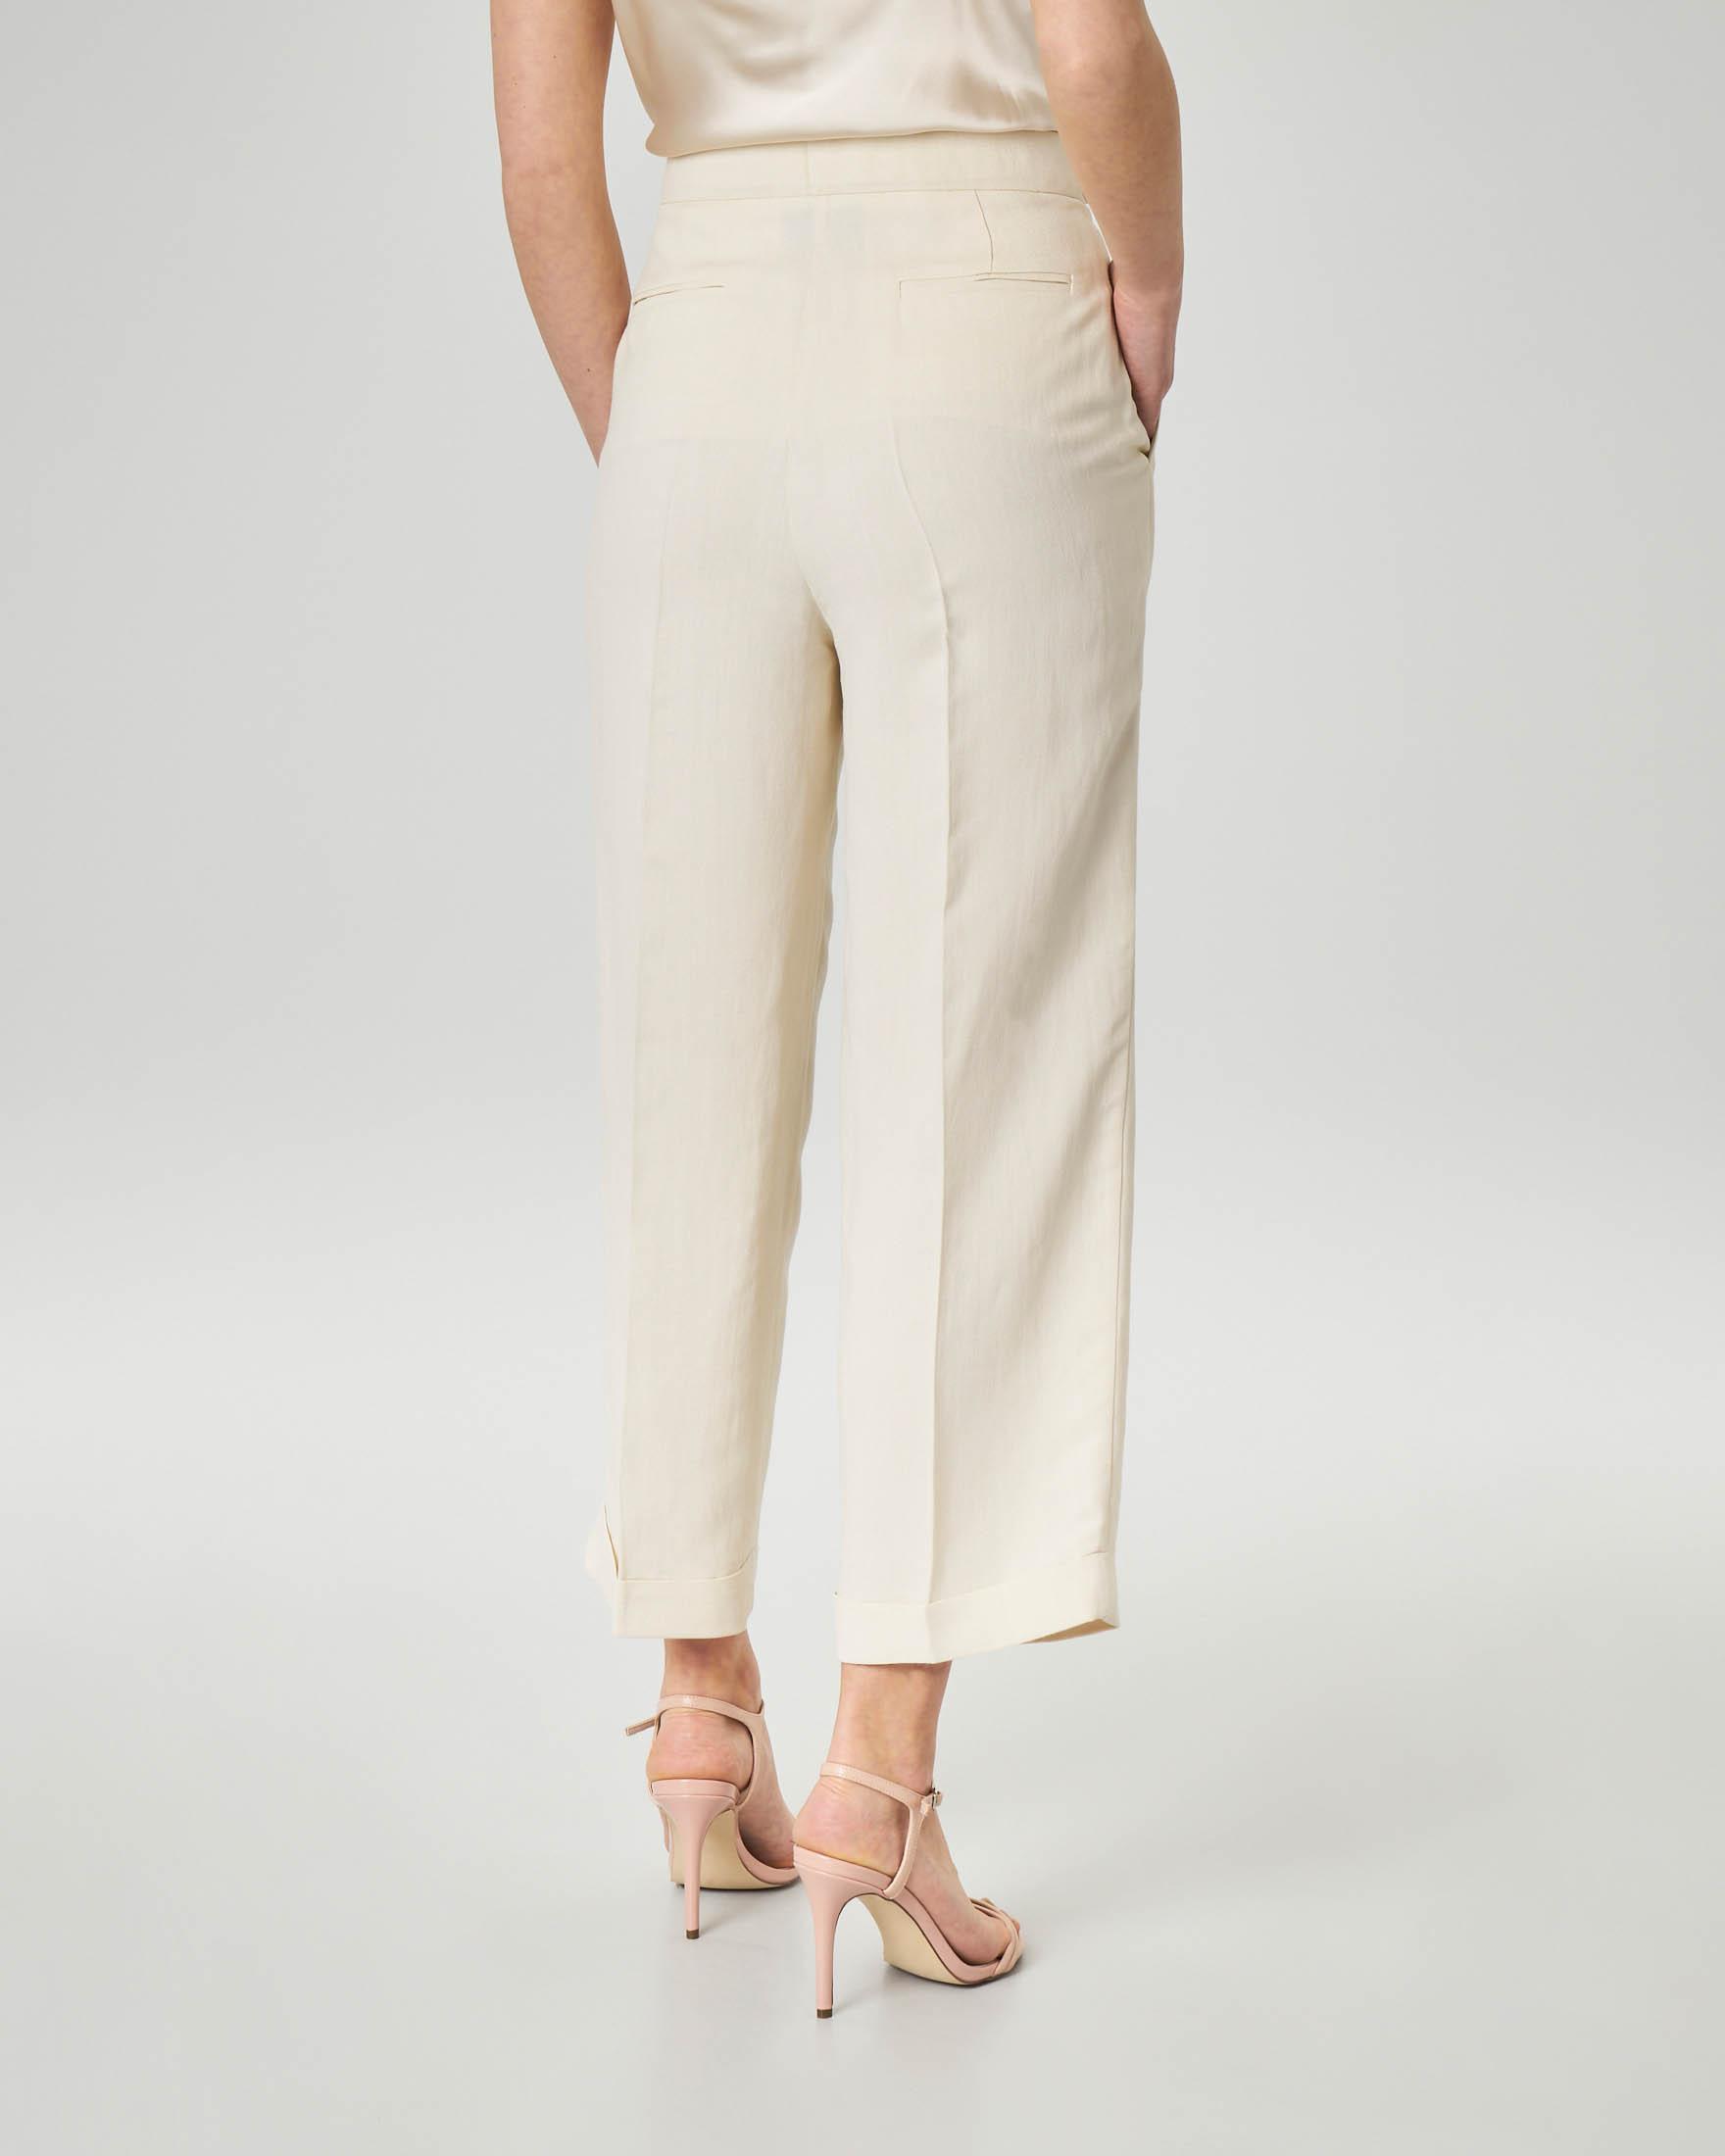 Pantaloni in lino color avorio con risvolto